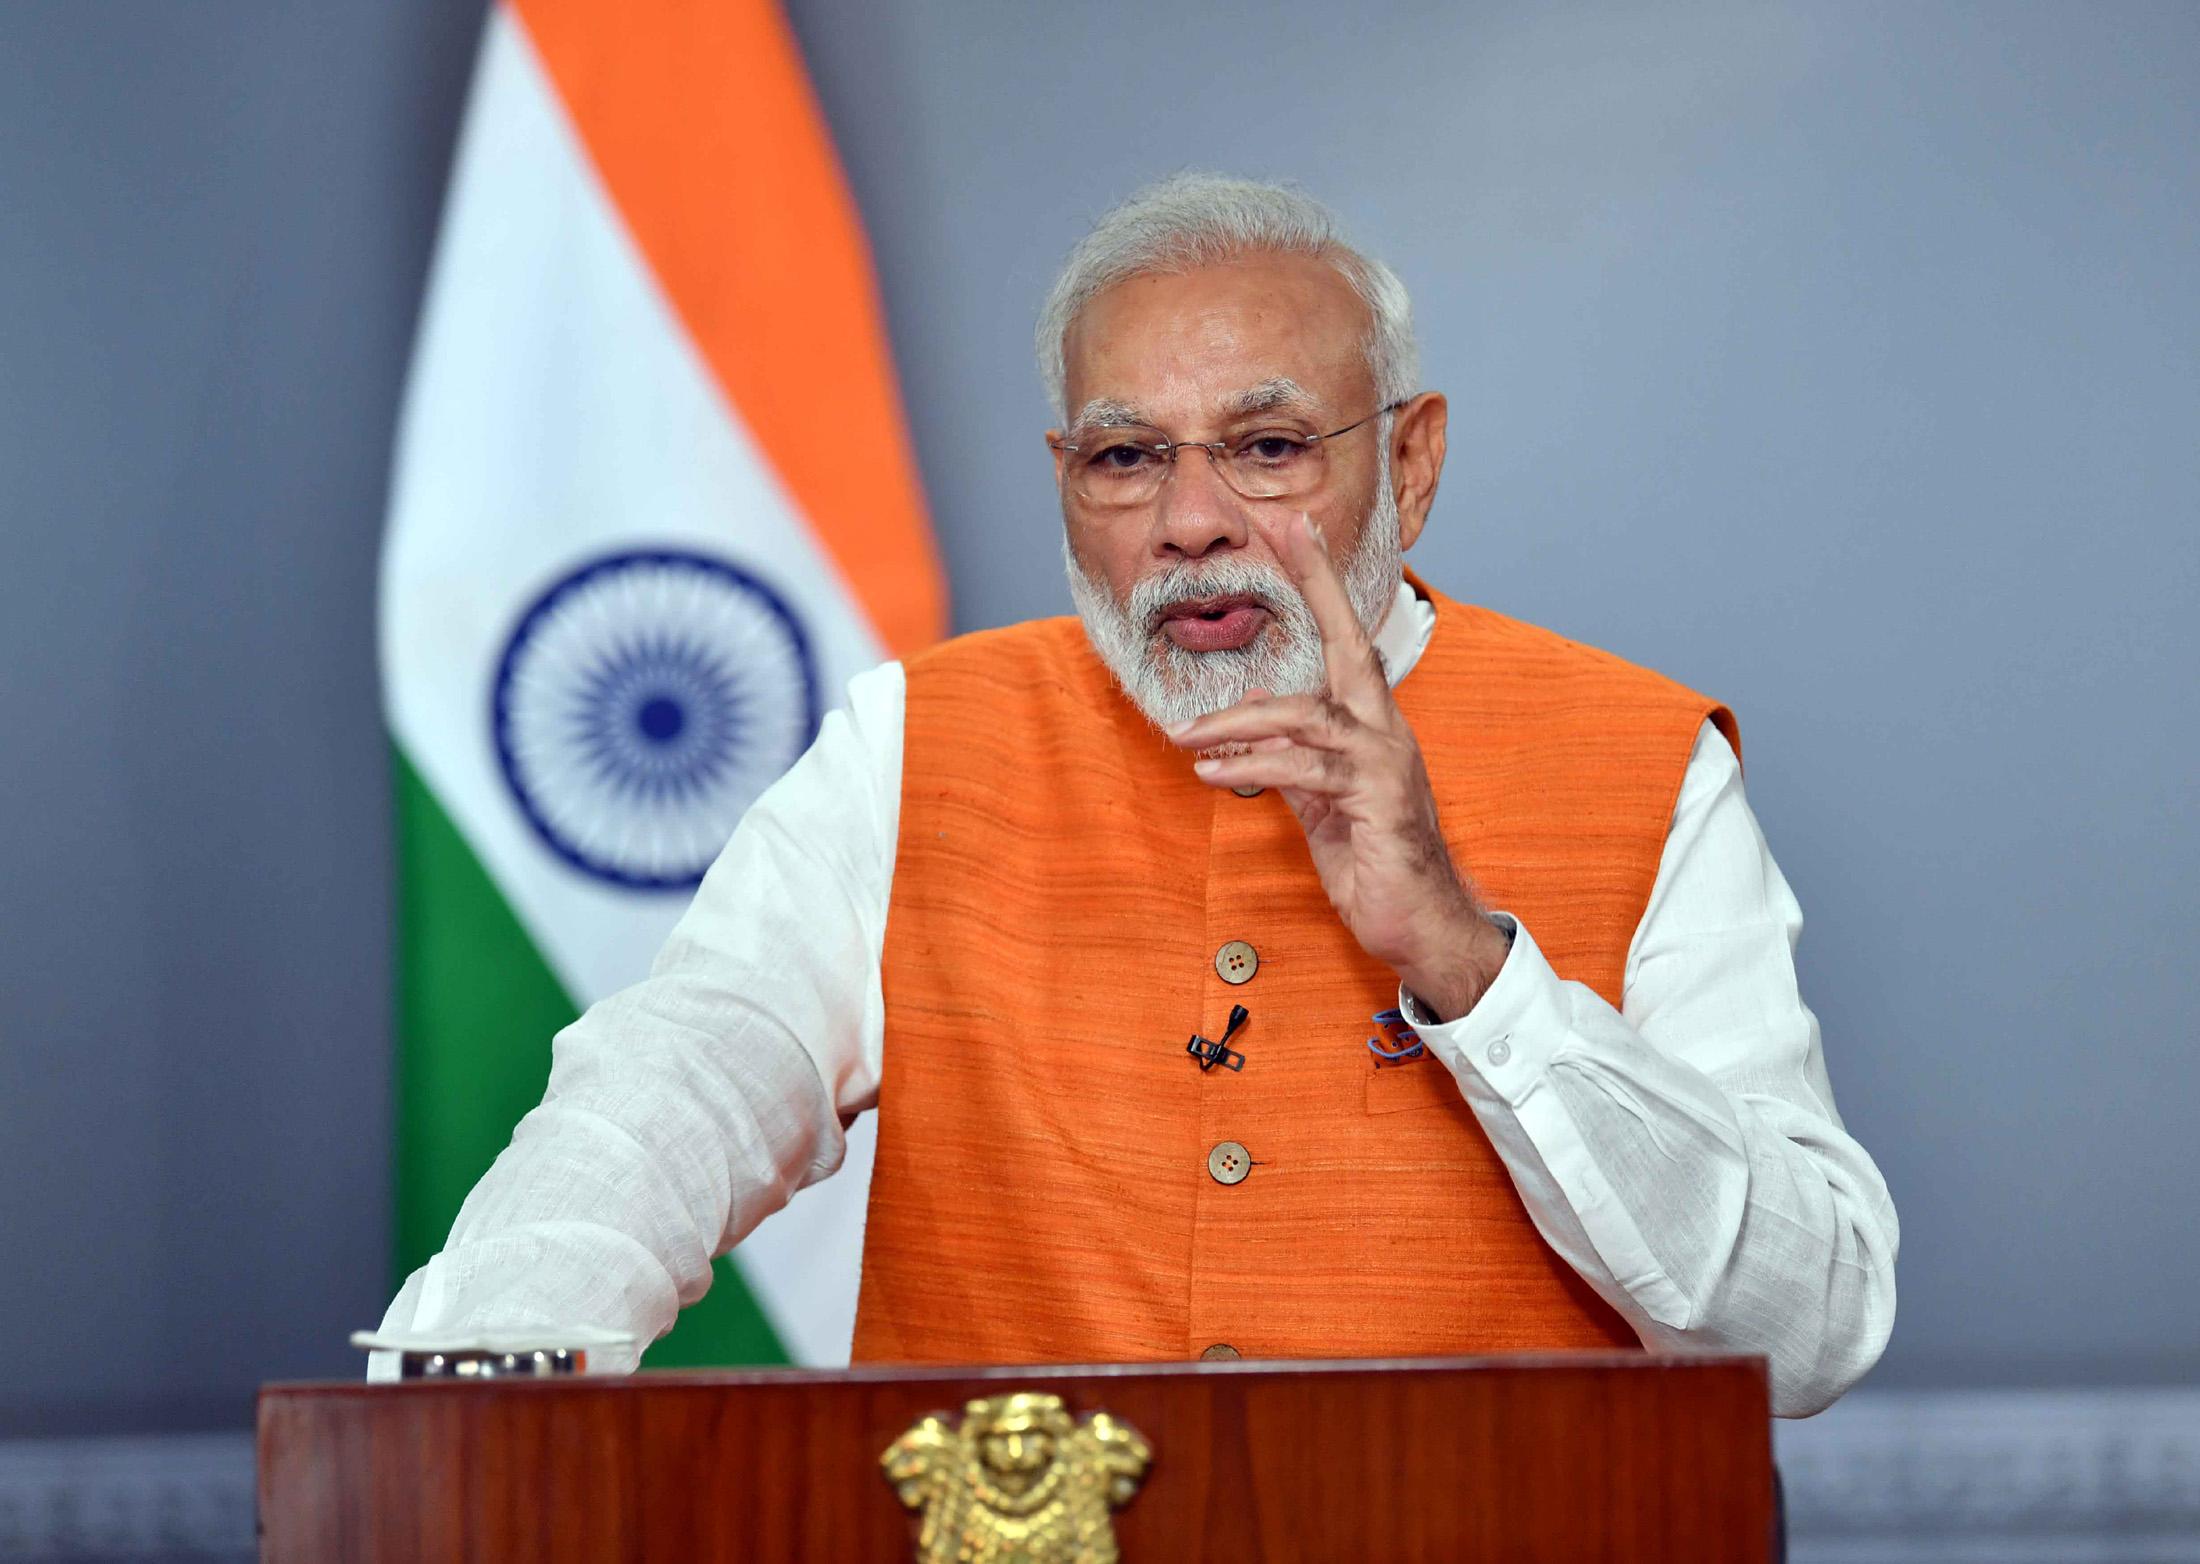 प्रधानमंत्री नरेंद्र मोदी के जीवन की अनसुनी बातें